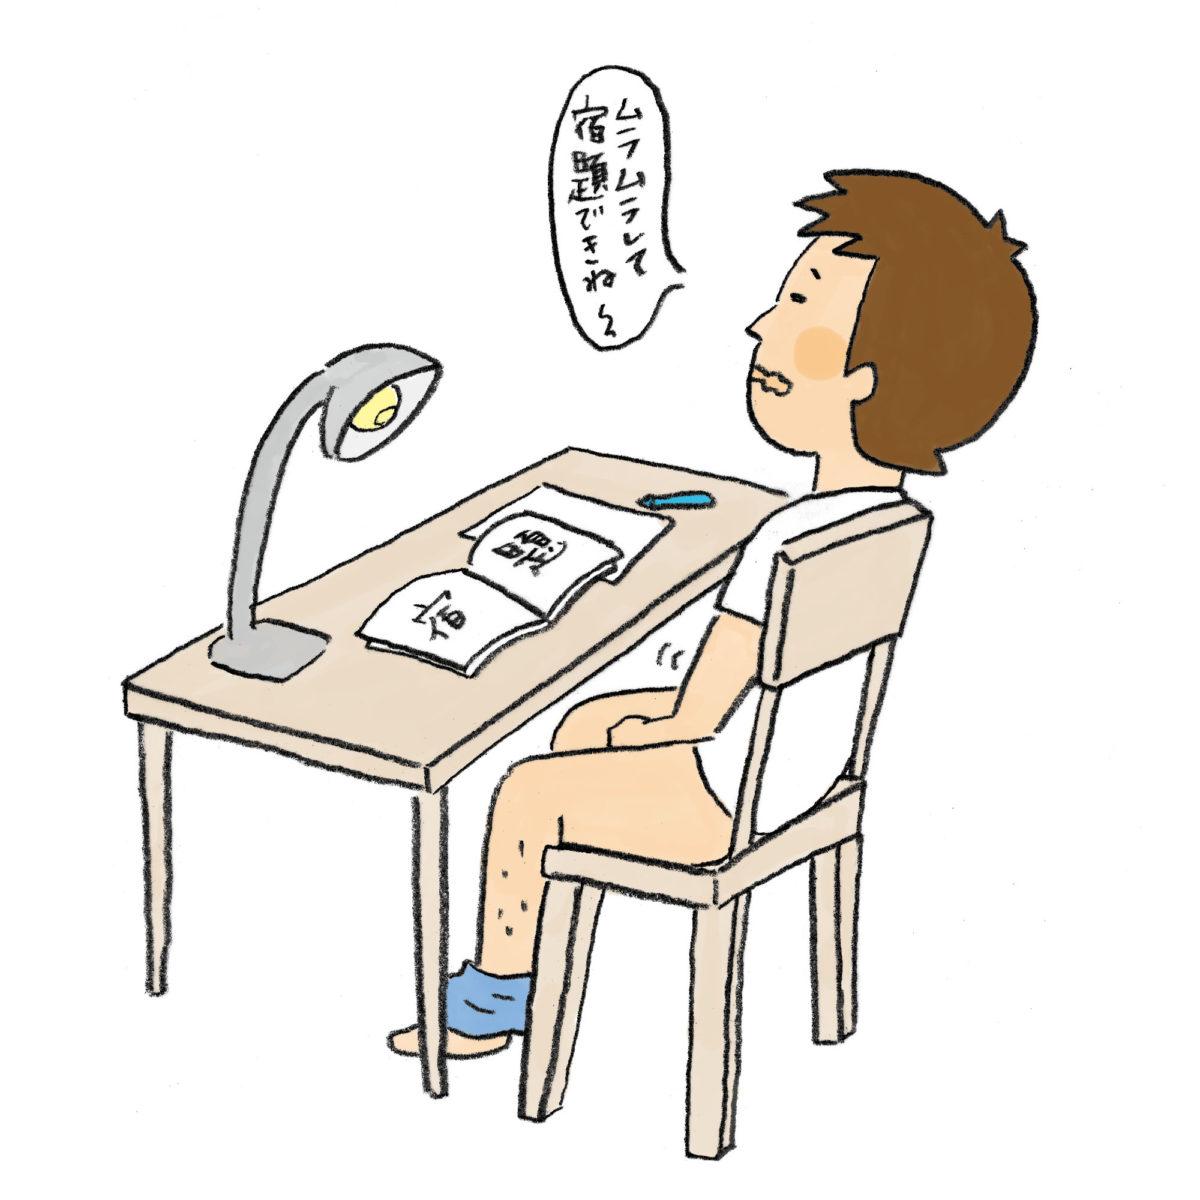 性知る?vol.02 ヒカルくんがオナニーをしているシーン